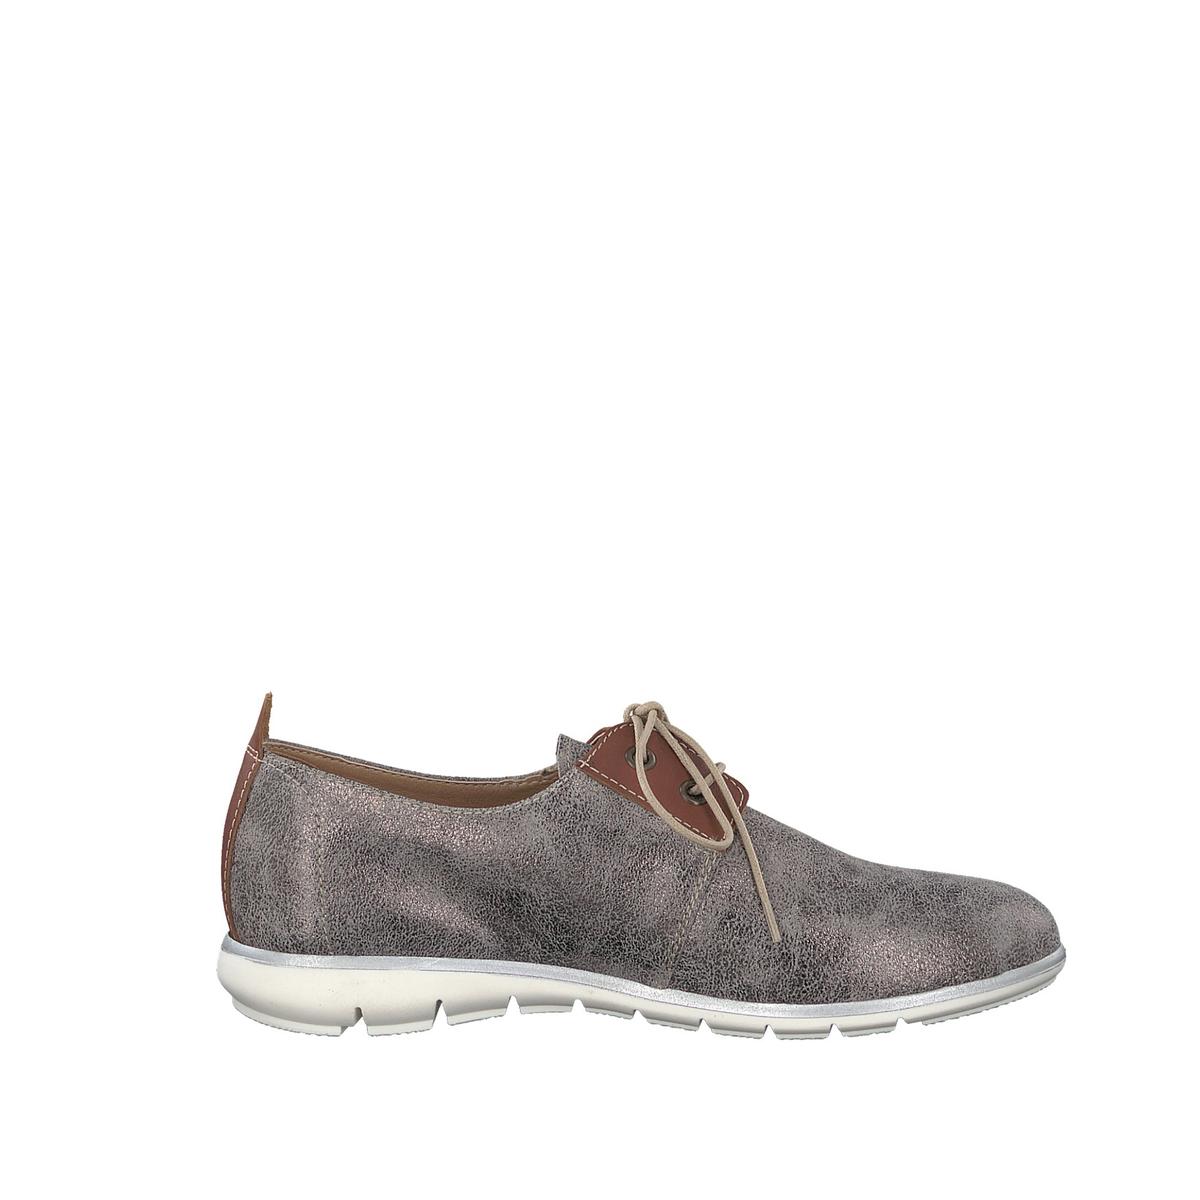 Ботинки-дерби кожаные Cantona